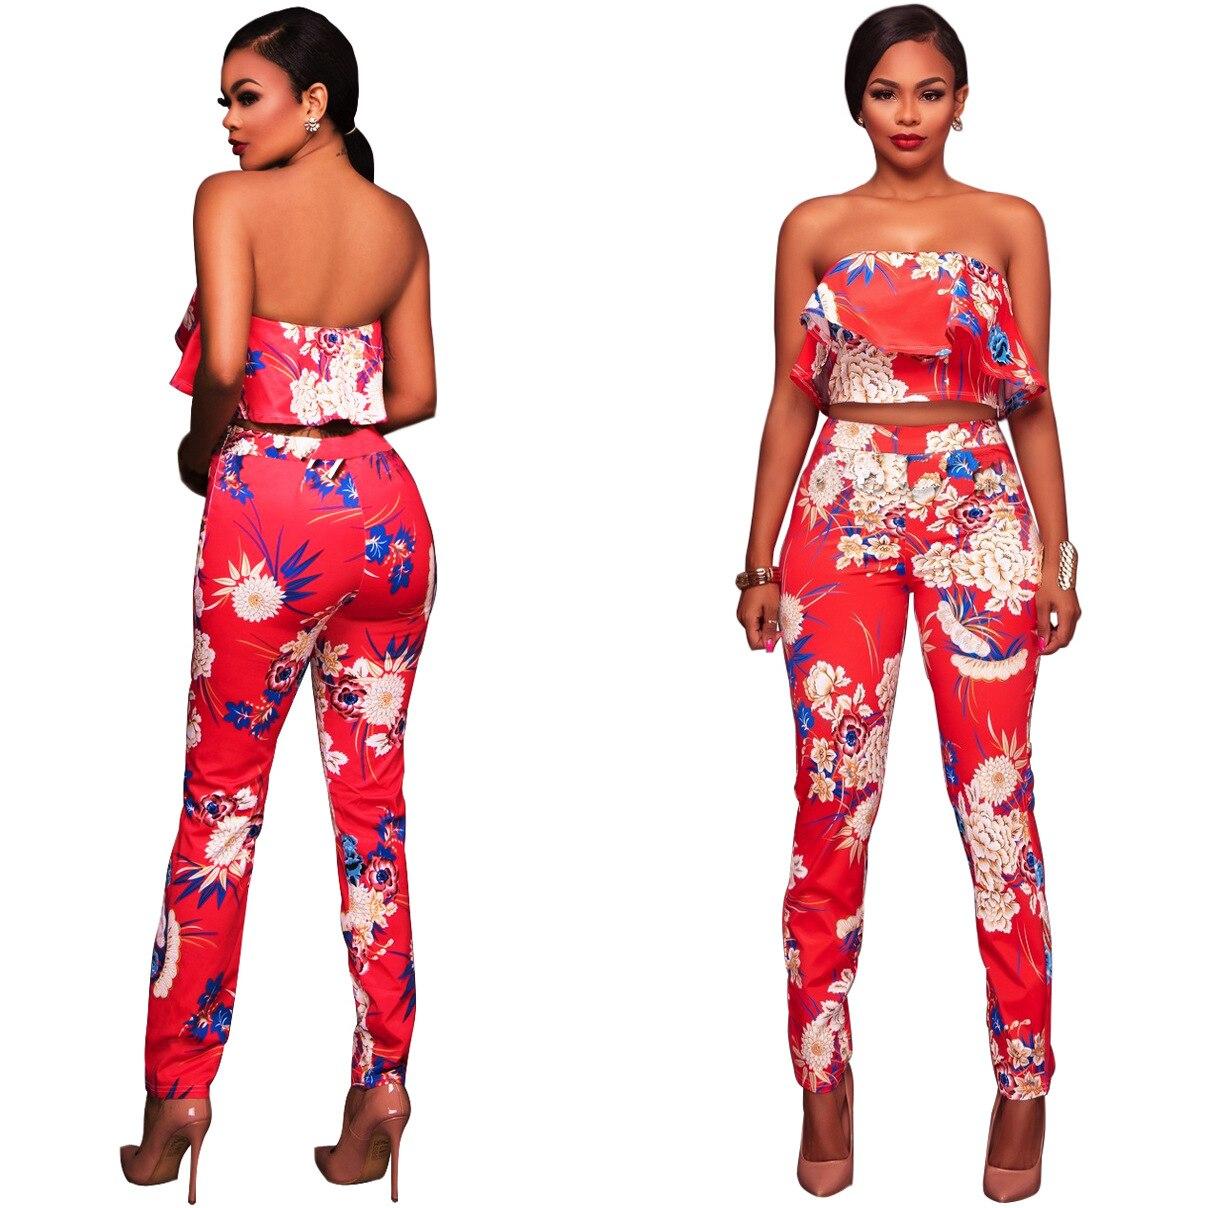 CFYH Women's Sets 2 Piece Flower print Set Women Sexy Strapless Tops+ Pants suit Set Patchwork women's suits set